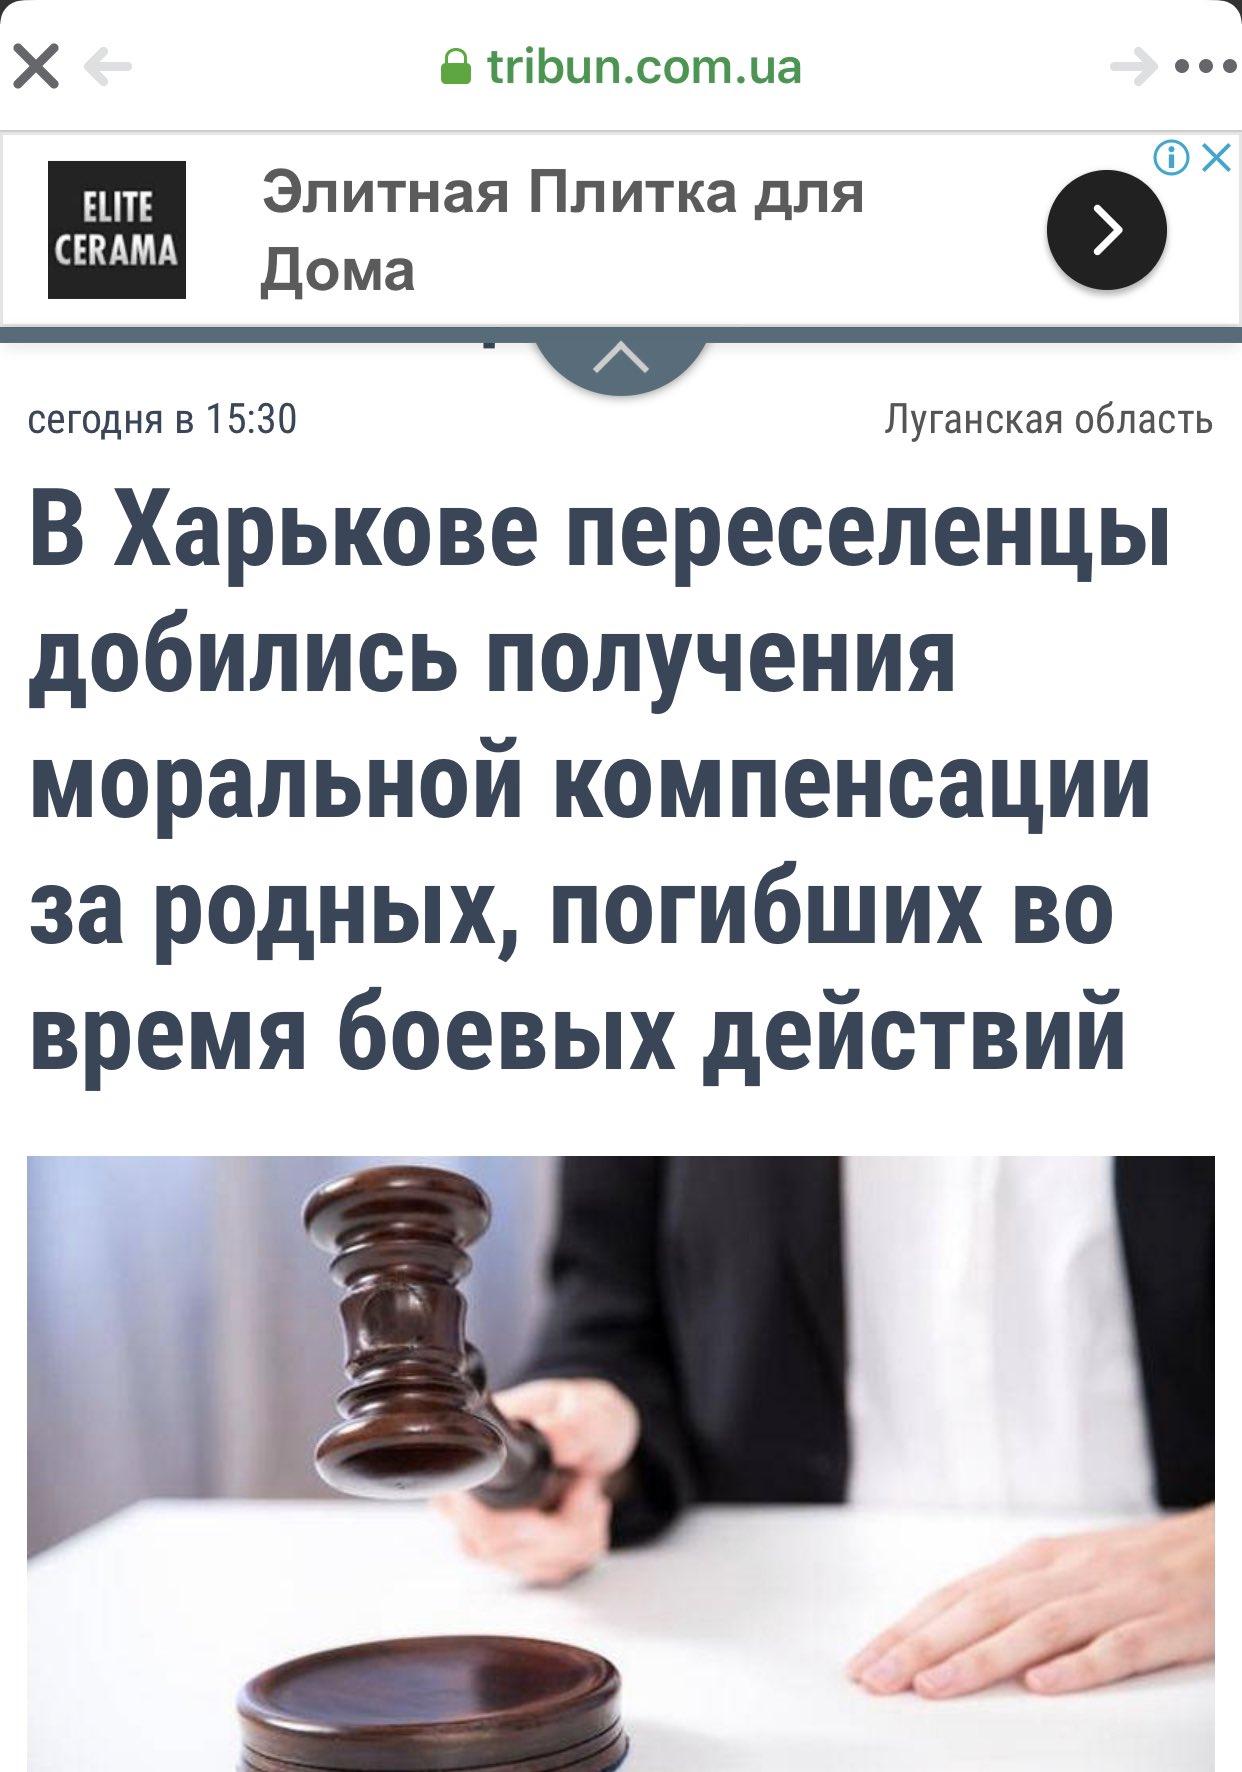 Болтон підтвердив, що Трамп затримував допомогу Україні, щоб отримати компромат на Байдена, - NYT - Цензор.НЕТ 8280